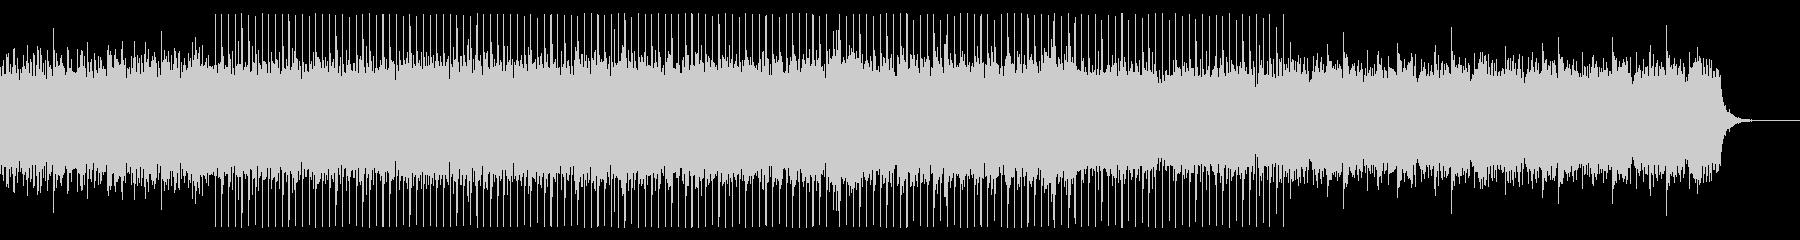 さわやかなピアノが特徴のテクノ系サウンドの未再生の波形